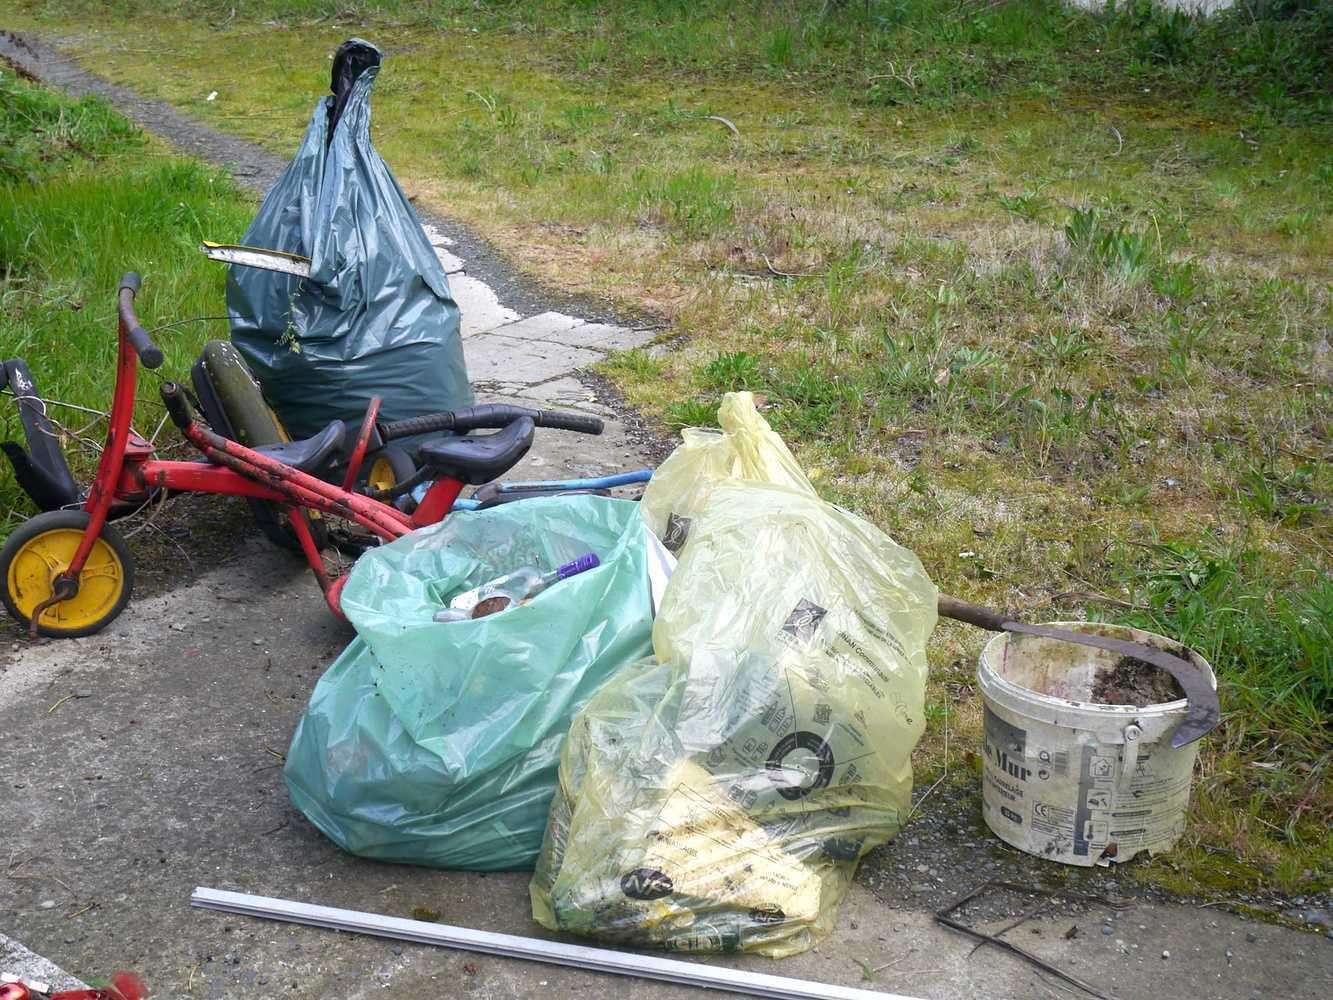 Collecte de déchets dans le quartier p1290023